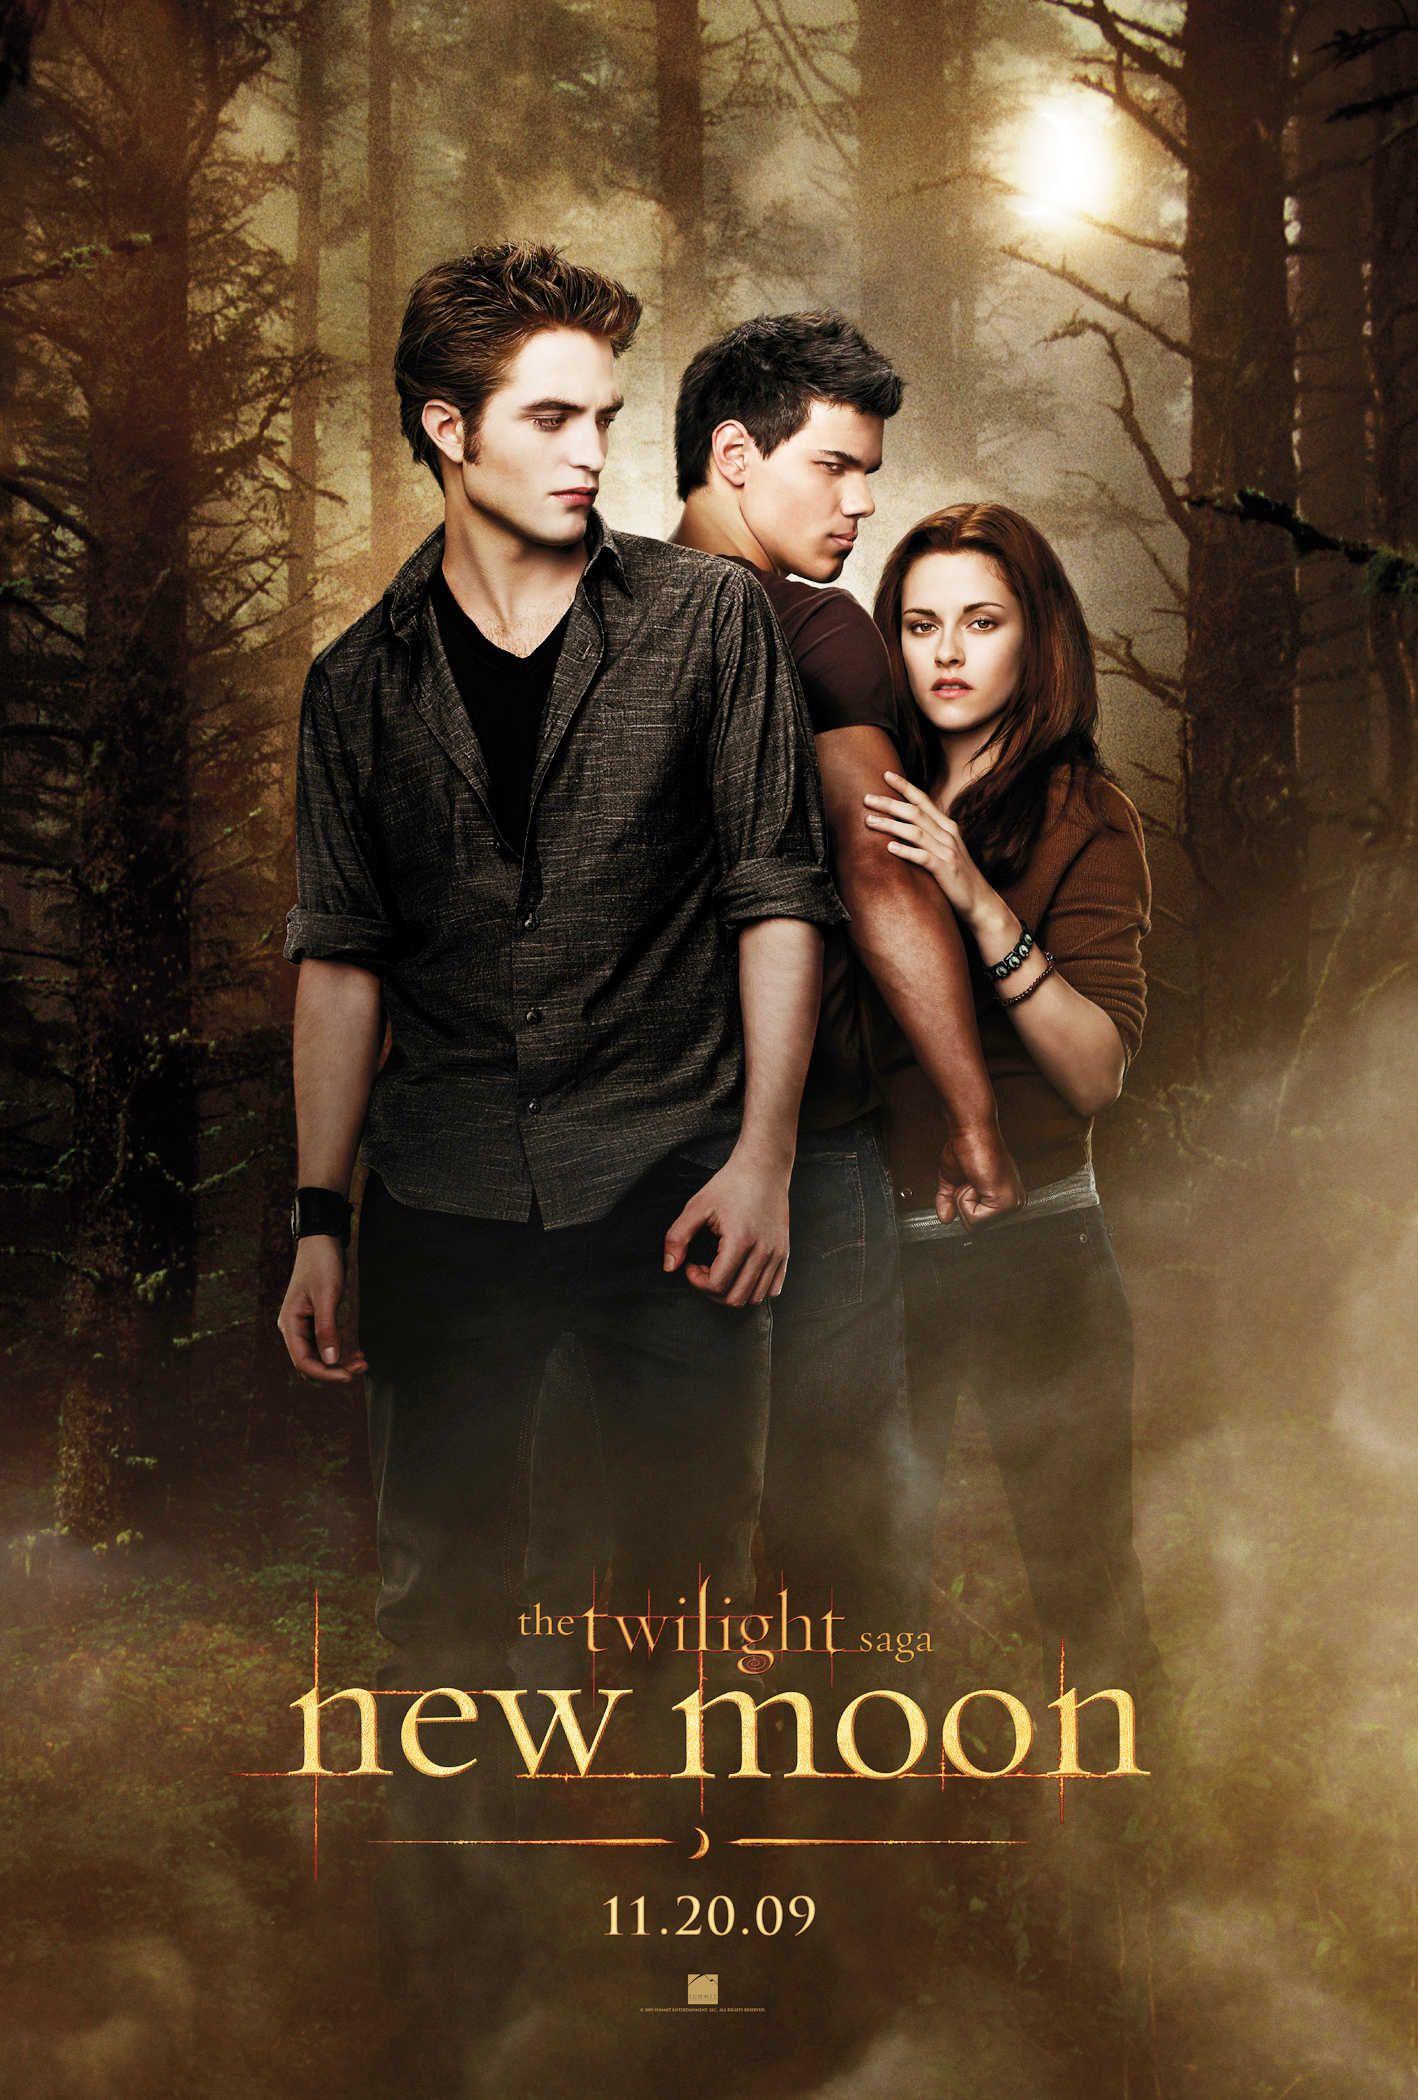 New Moon Lua Nova Filme Novos Filmes Crepusculo Filme